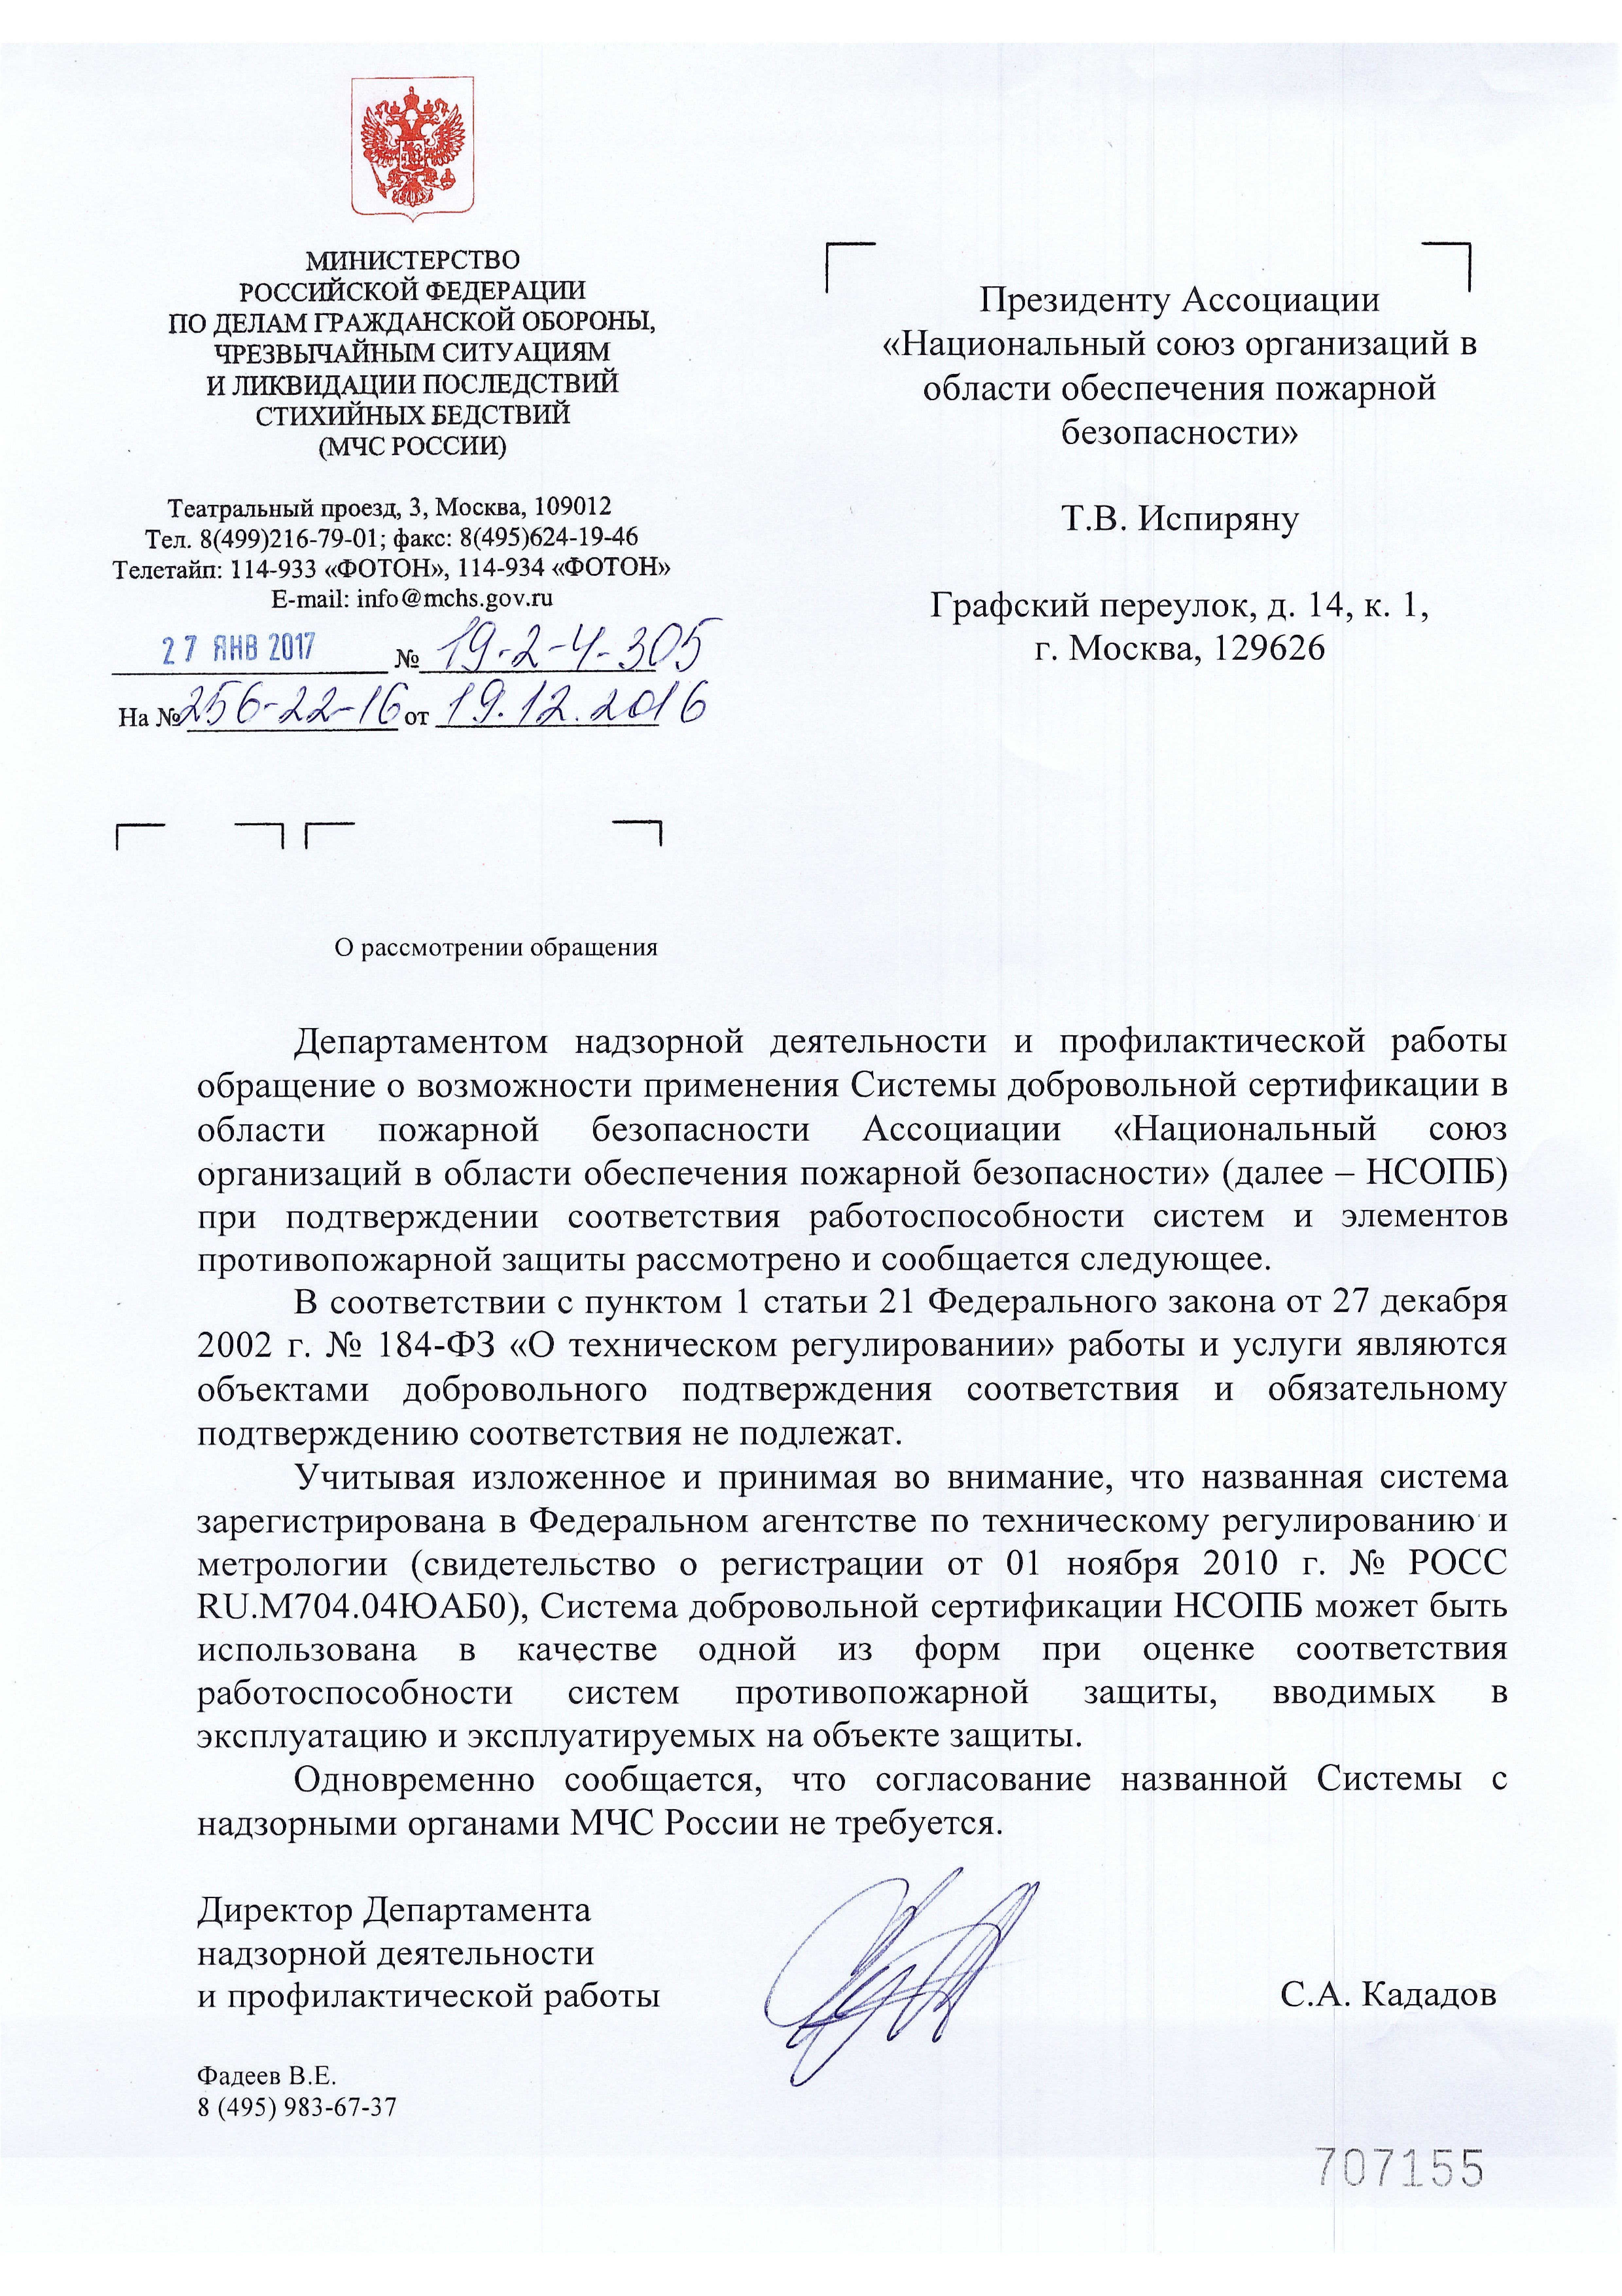 МЧС России, система добровольной сертификации